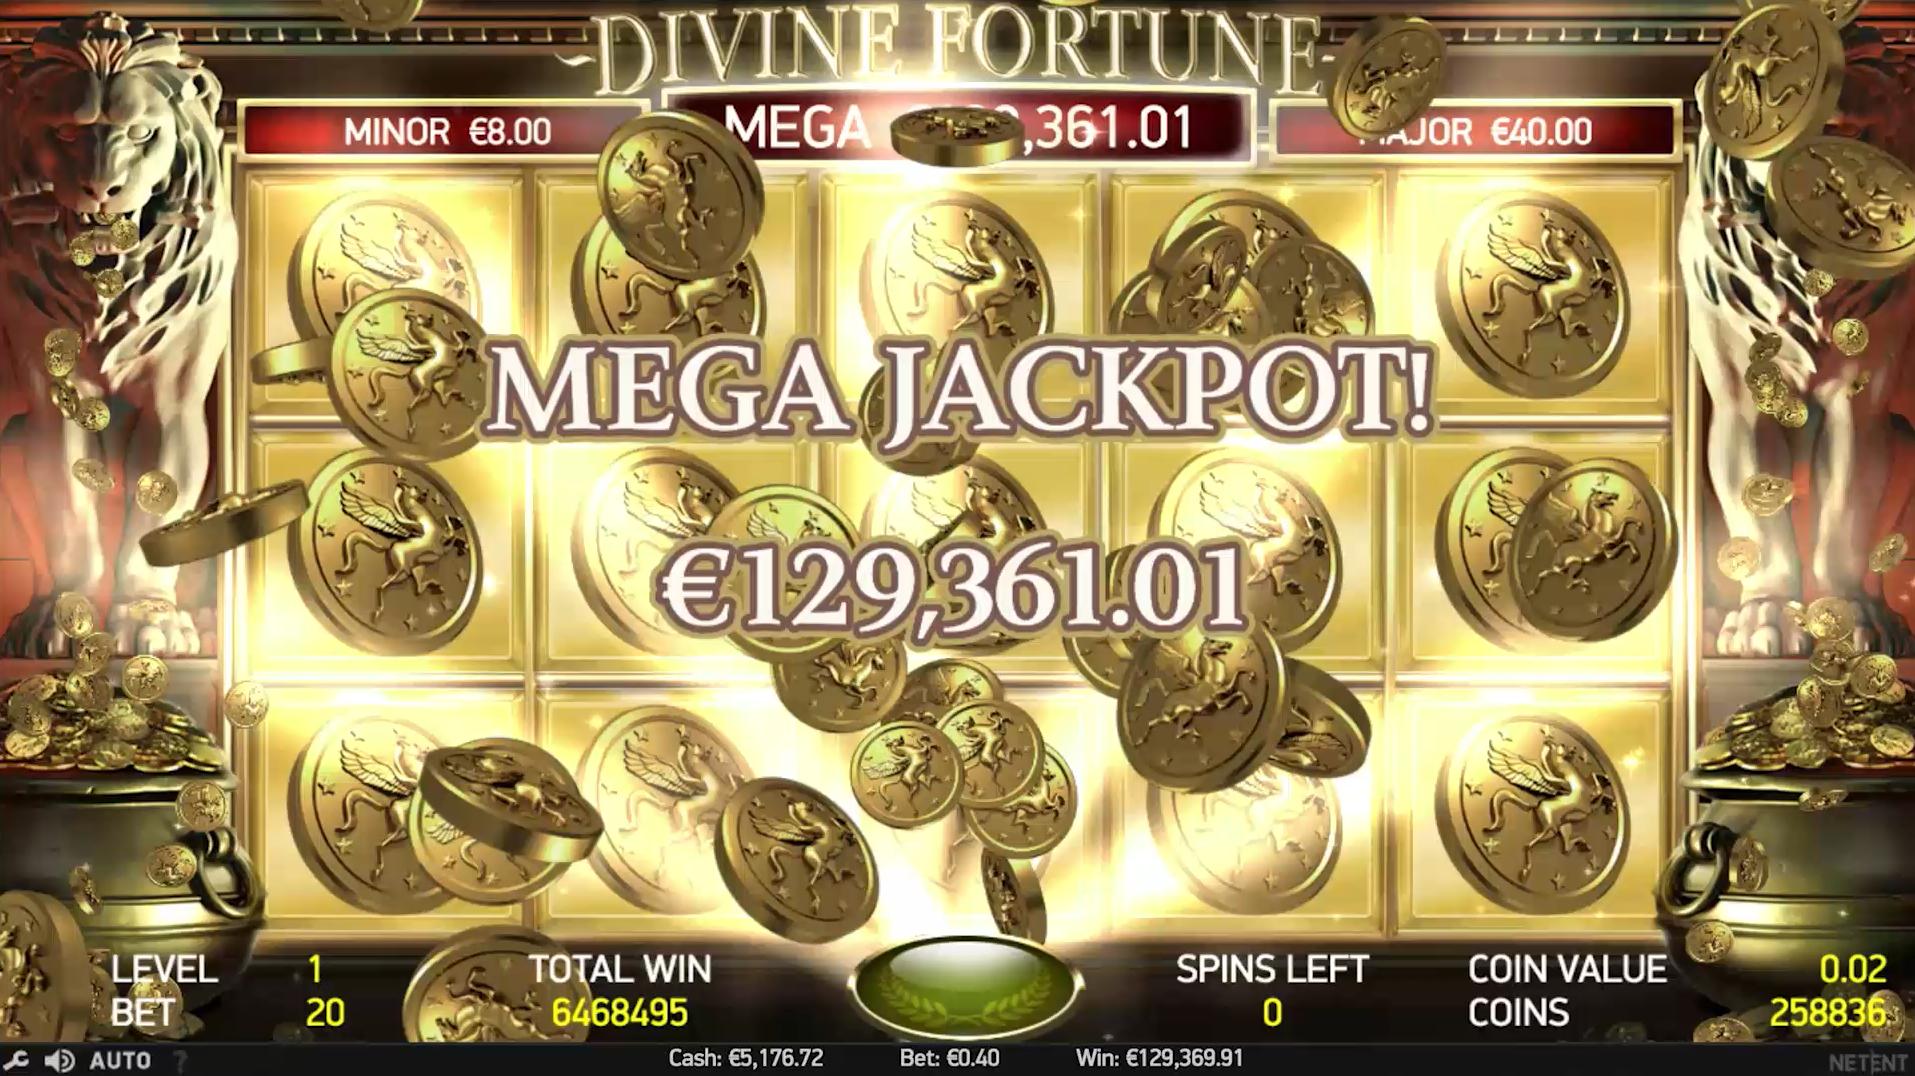 Divine Fortune Mega Jackpot